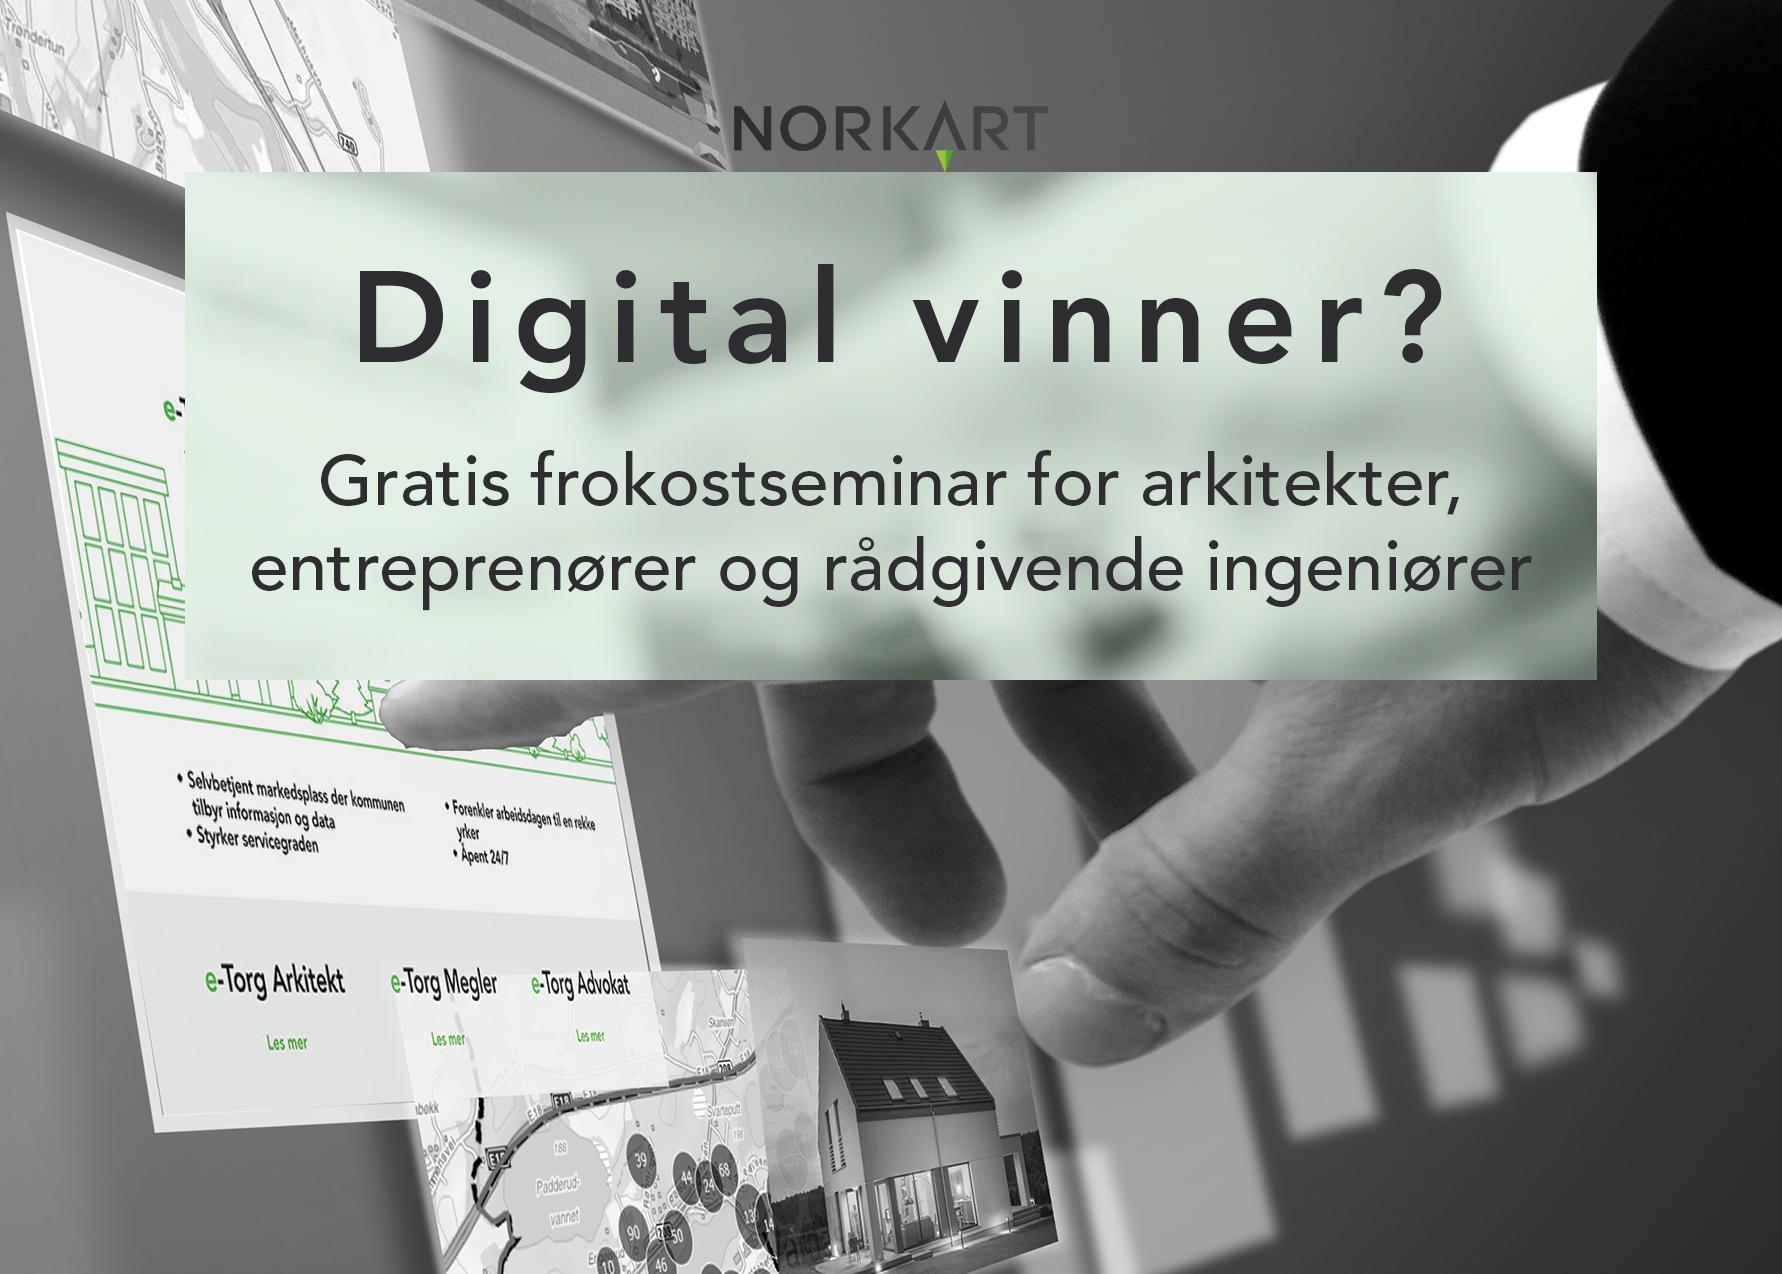 digital vinner